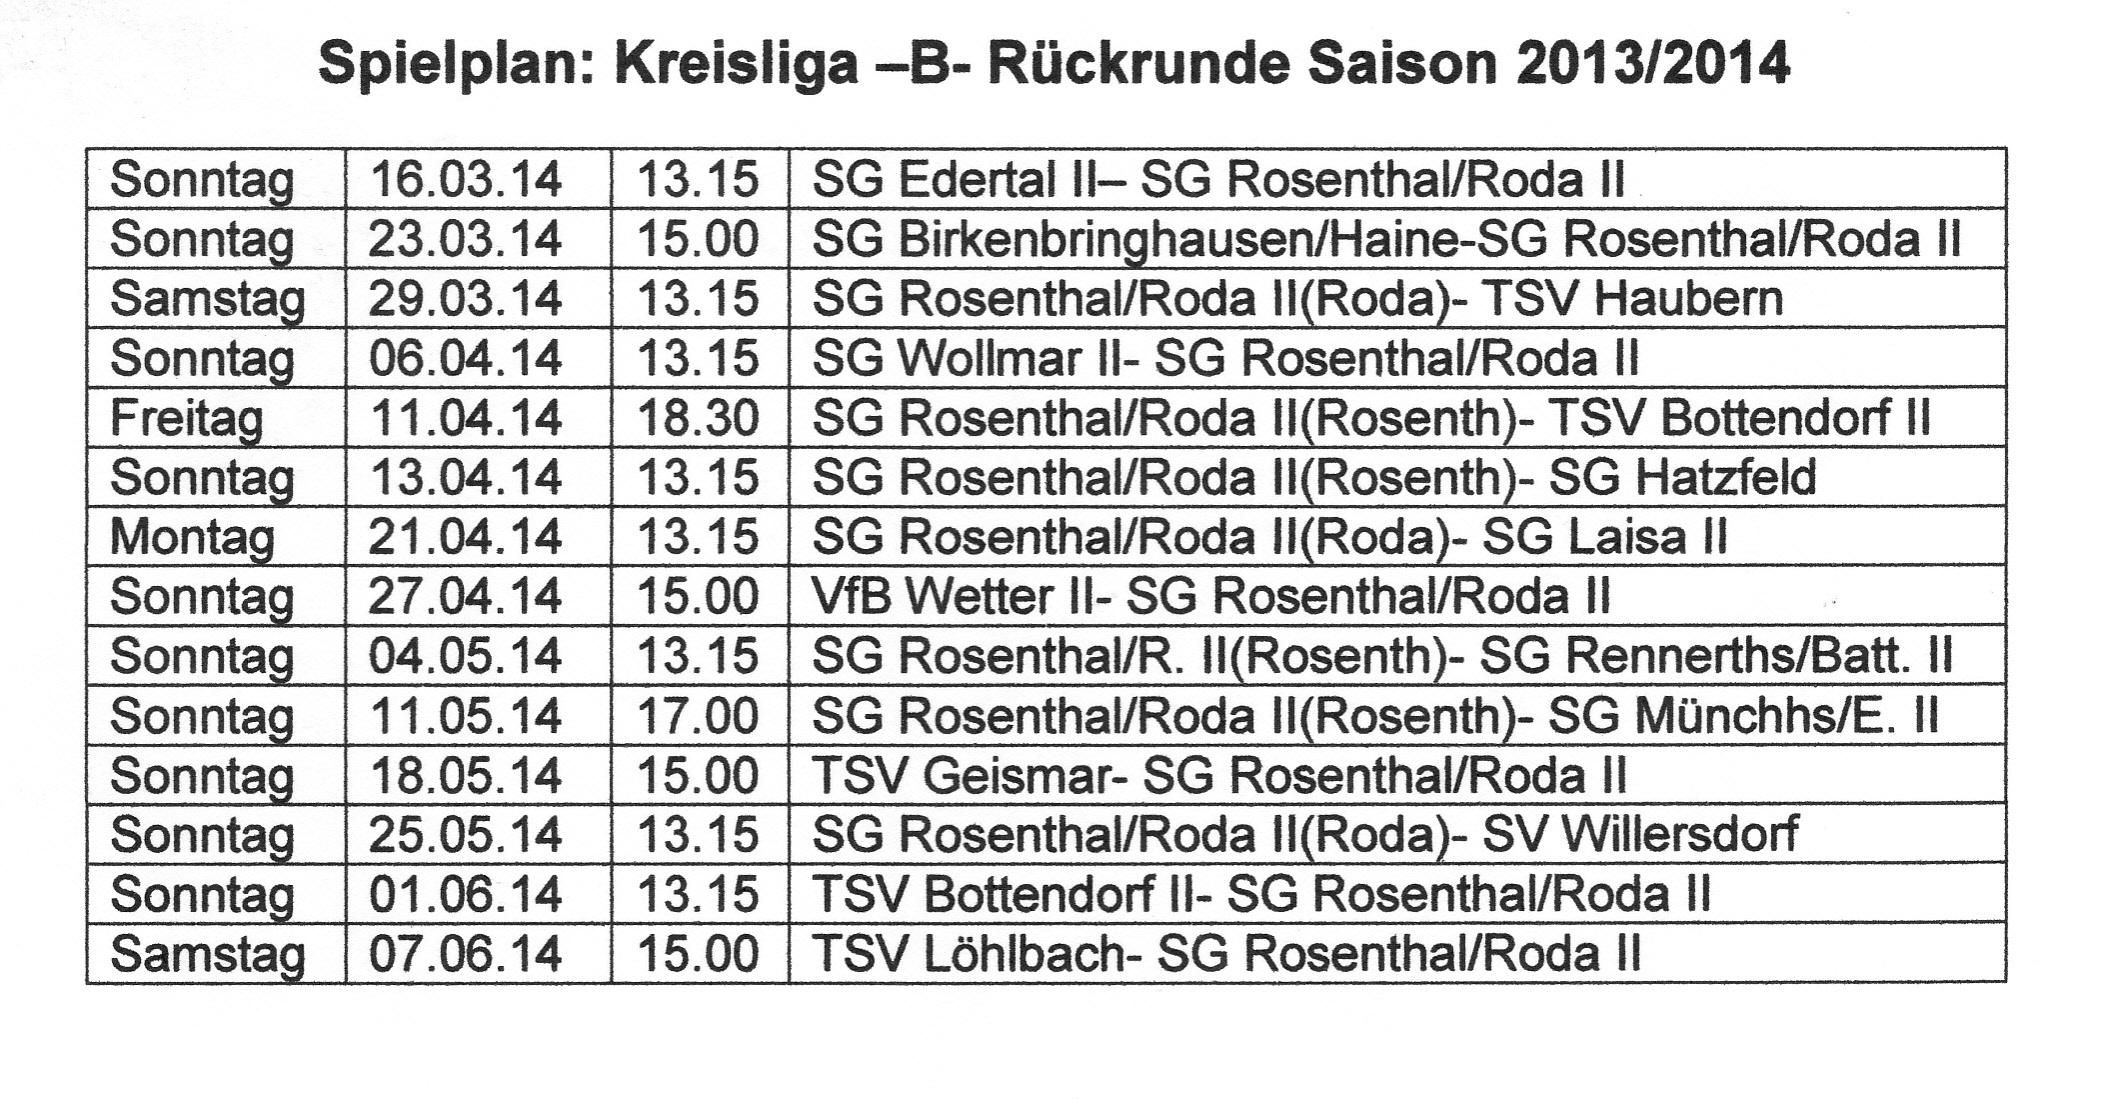 Rückrunde 2013-2014